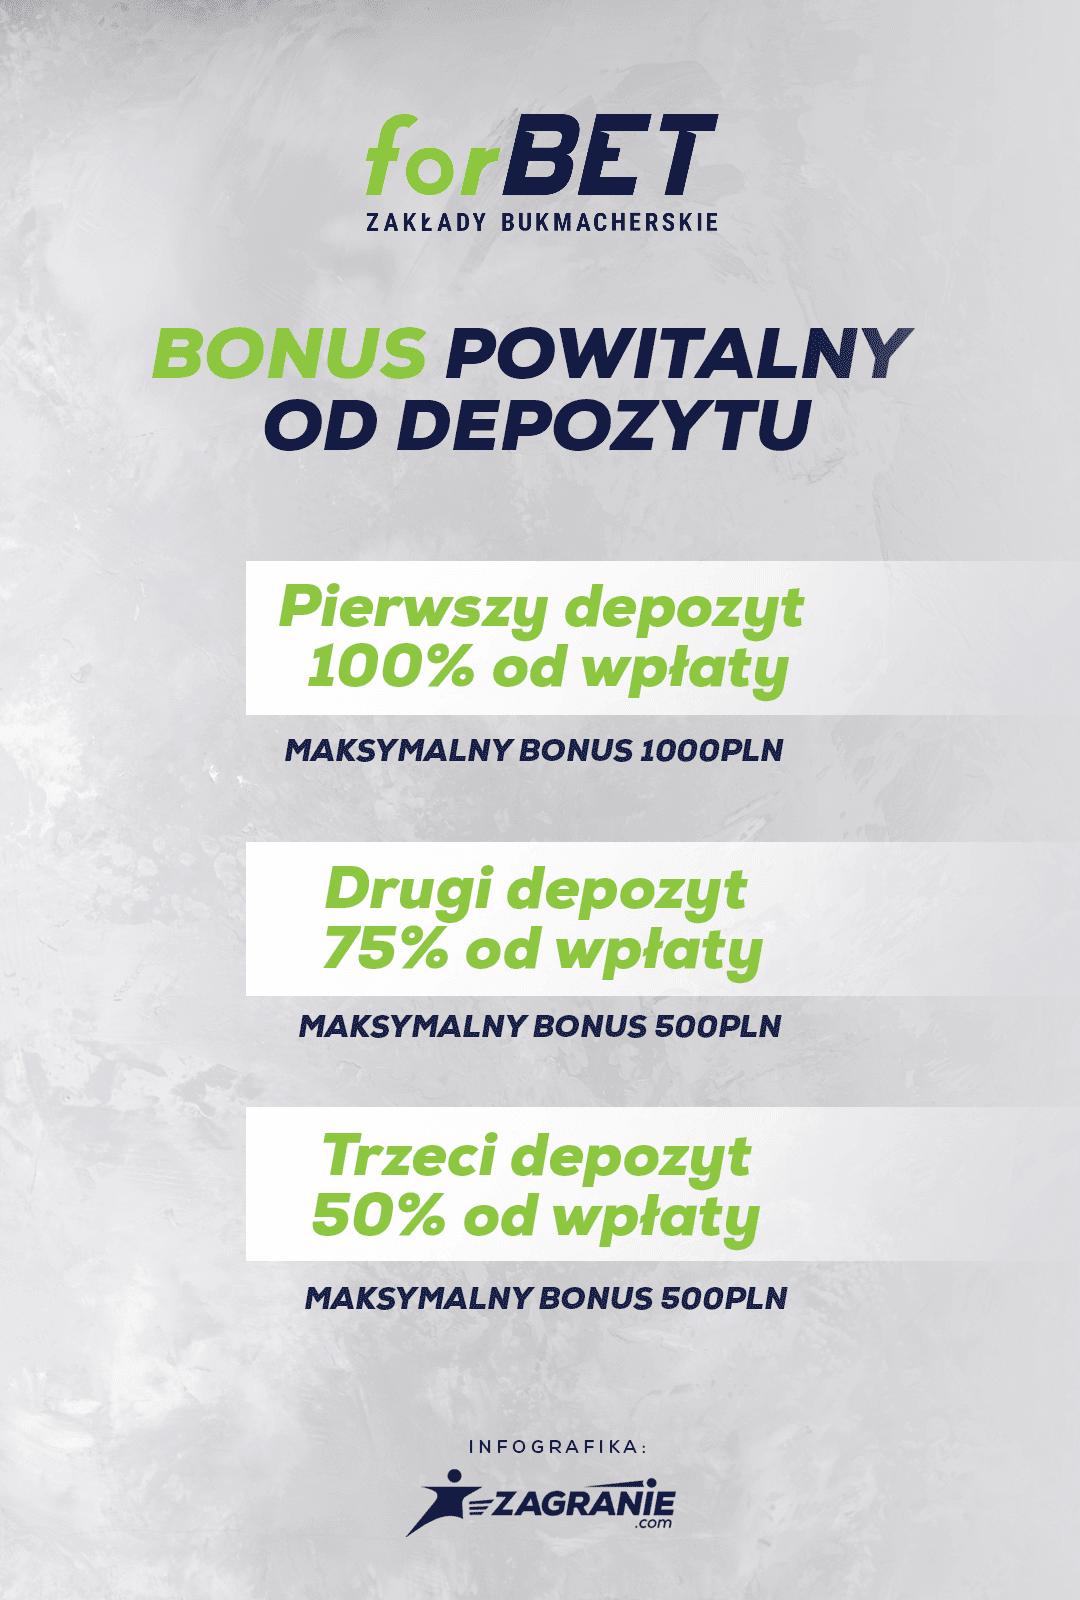 bonus forBET 2000